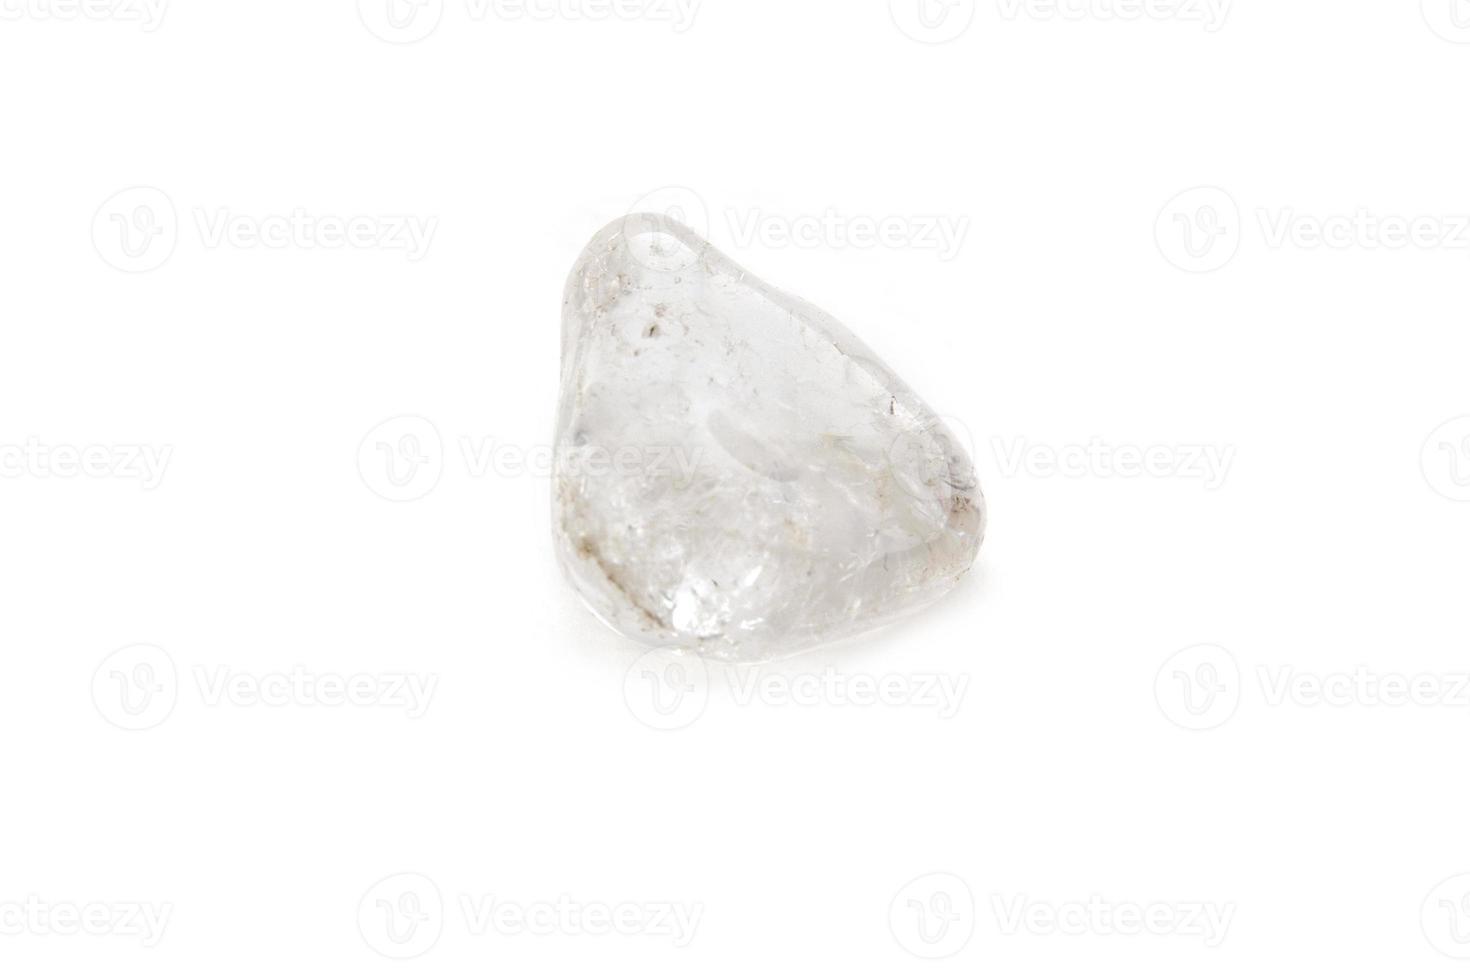 cristal sur fond blanc photo